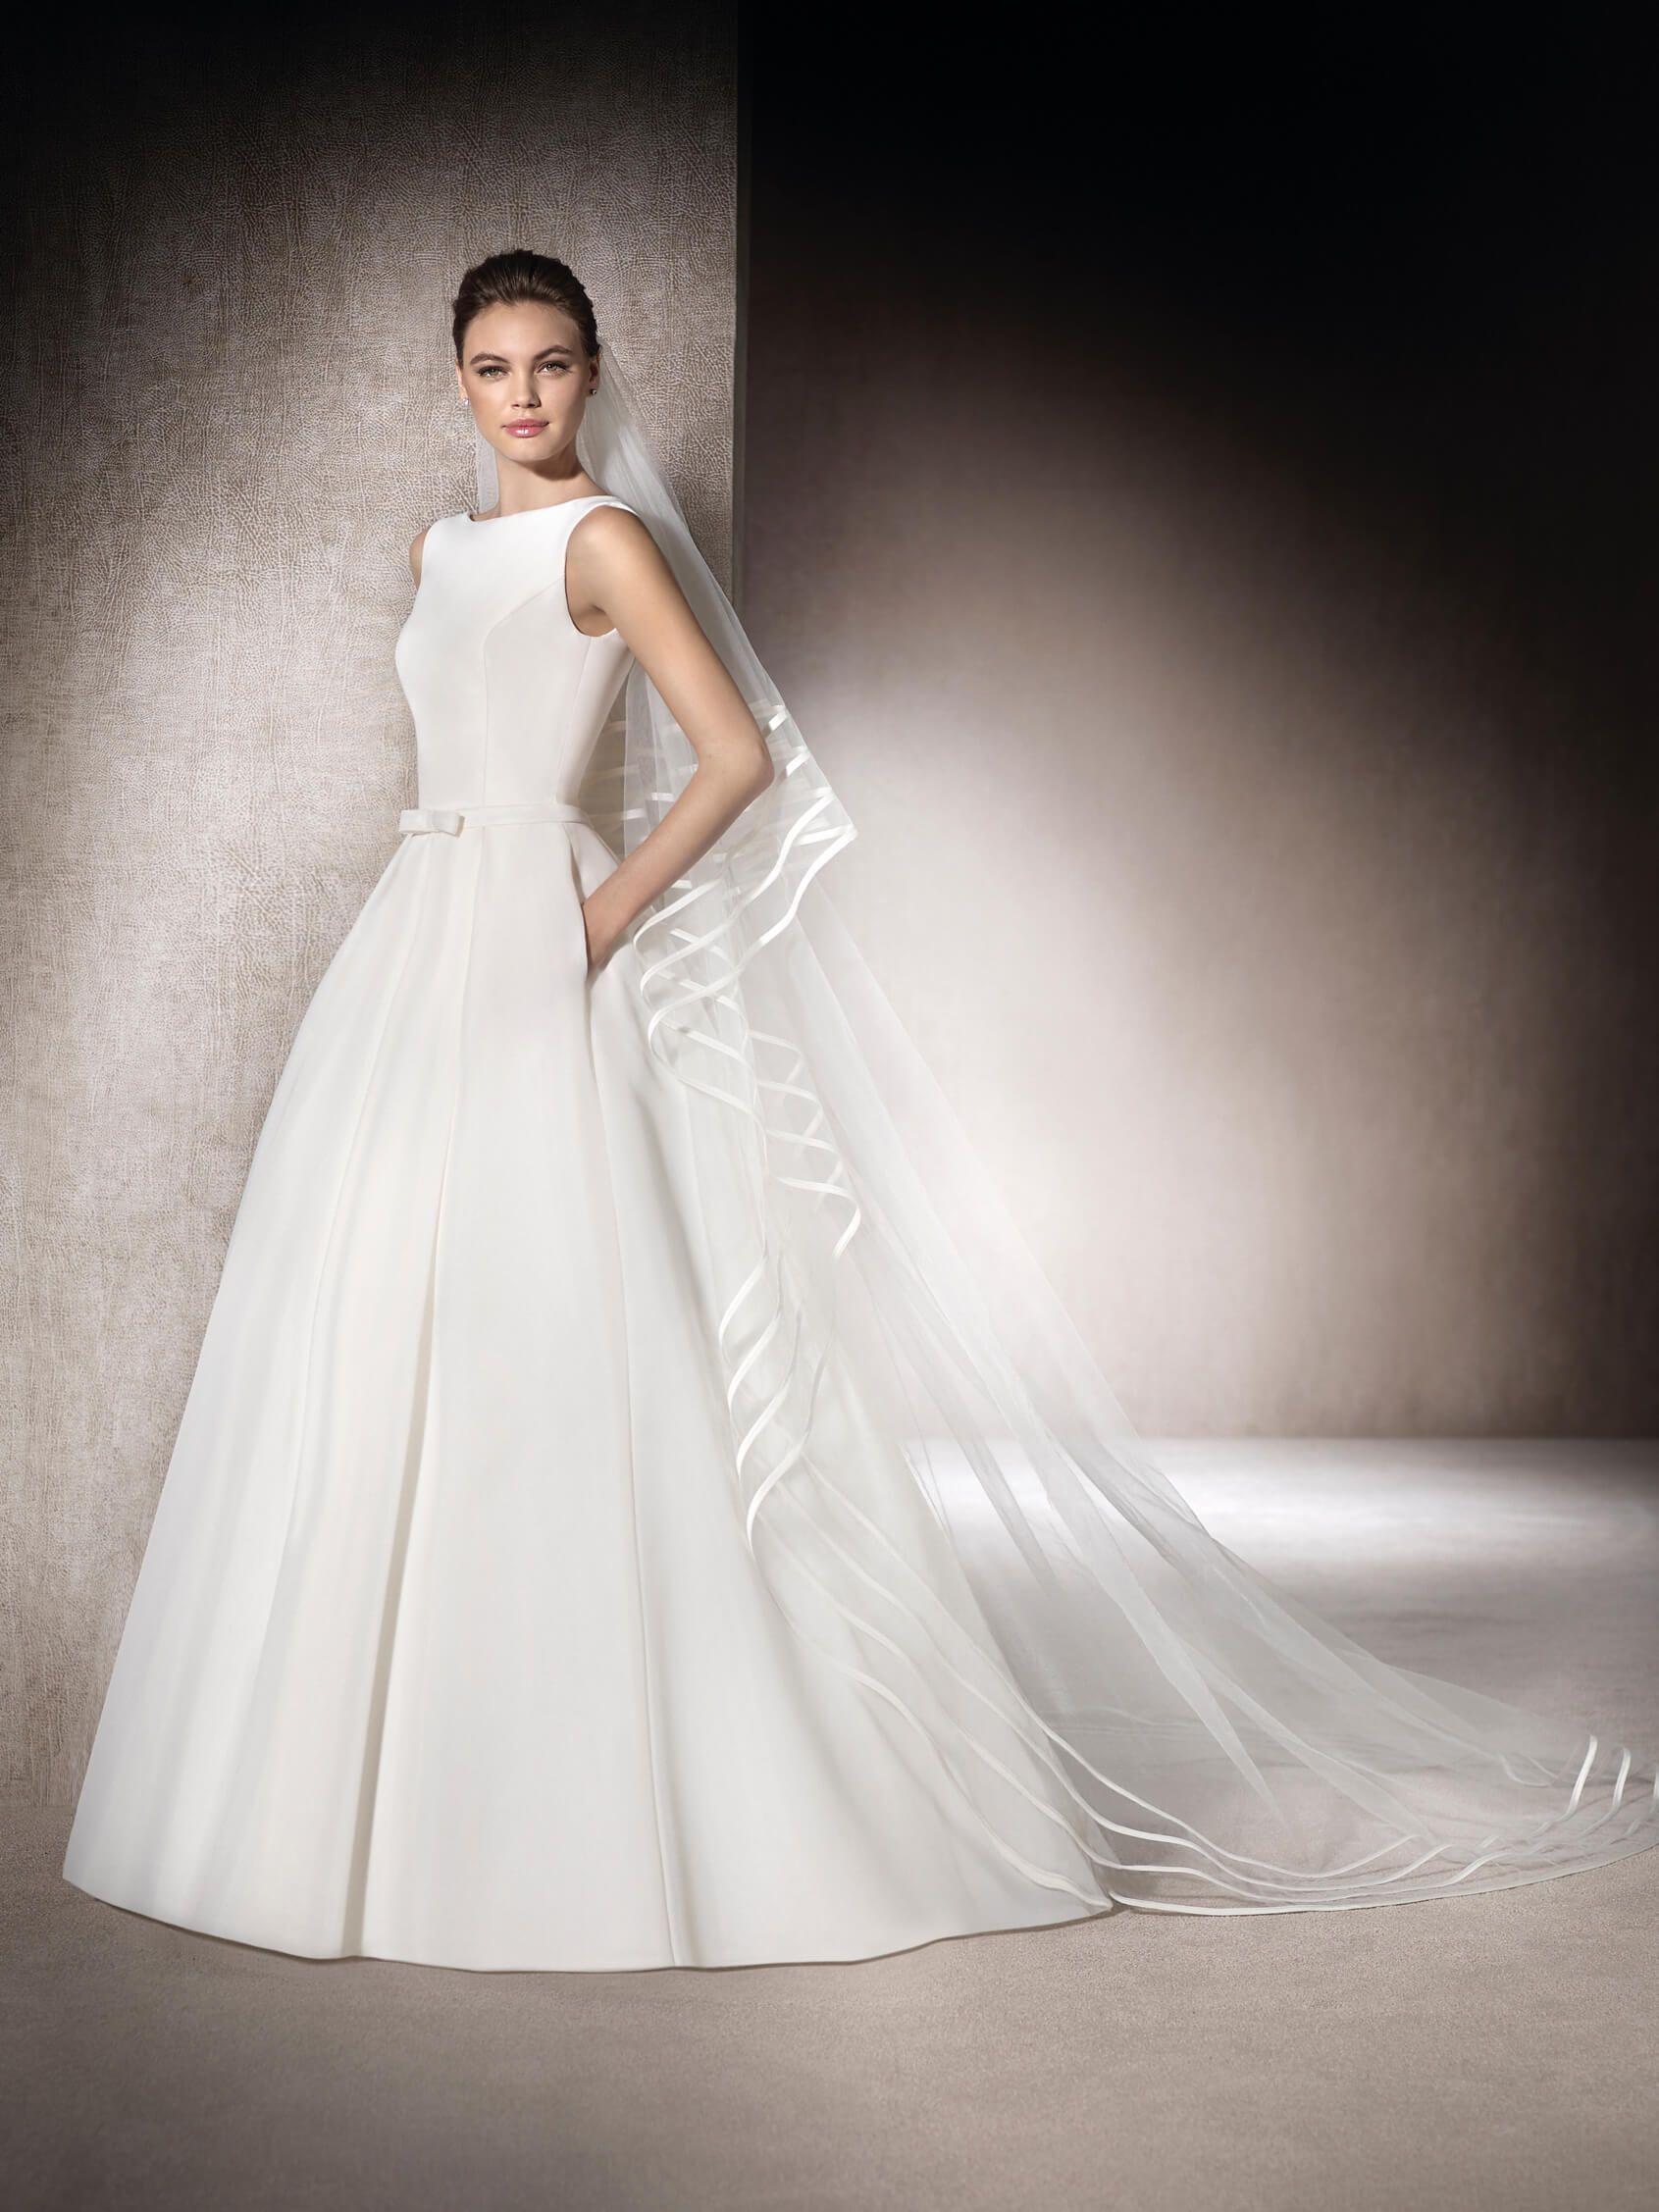 Merced wedding dress in garza with bateau neckline st patrick merced wedding dress in garza with bateau neckline st patrick ombrellifo Images